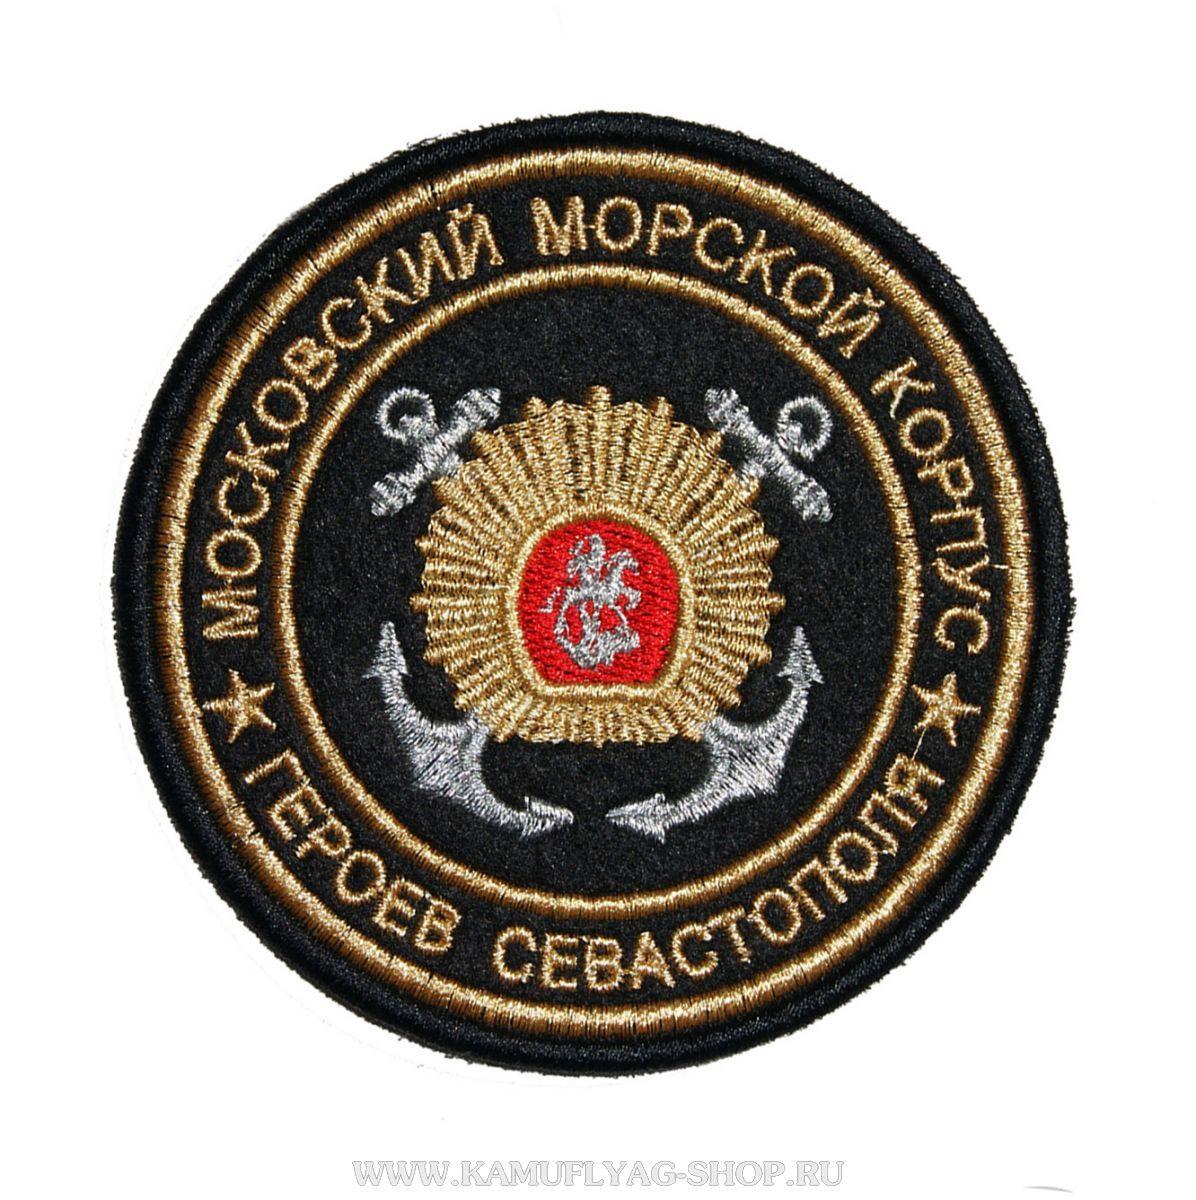 Шеврон МОК Героев Севастополя